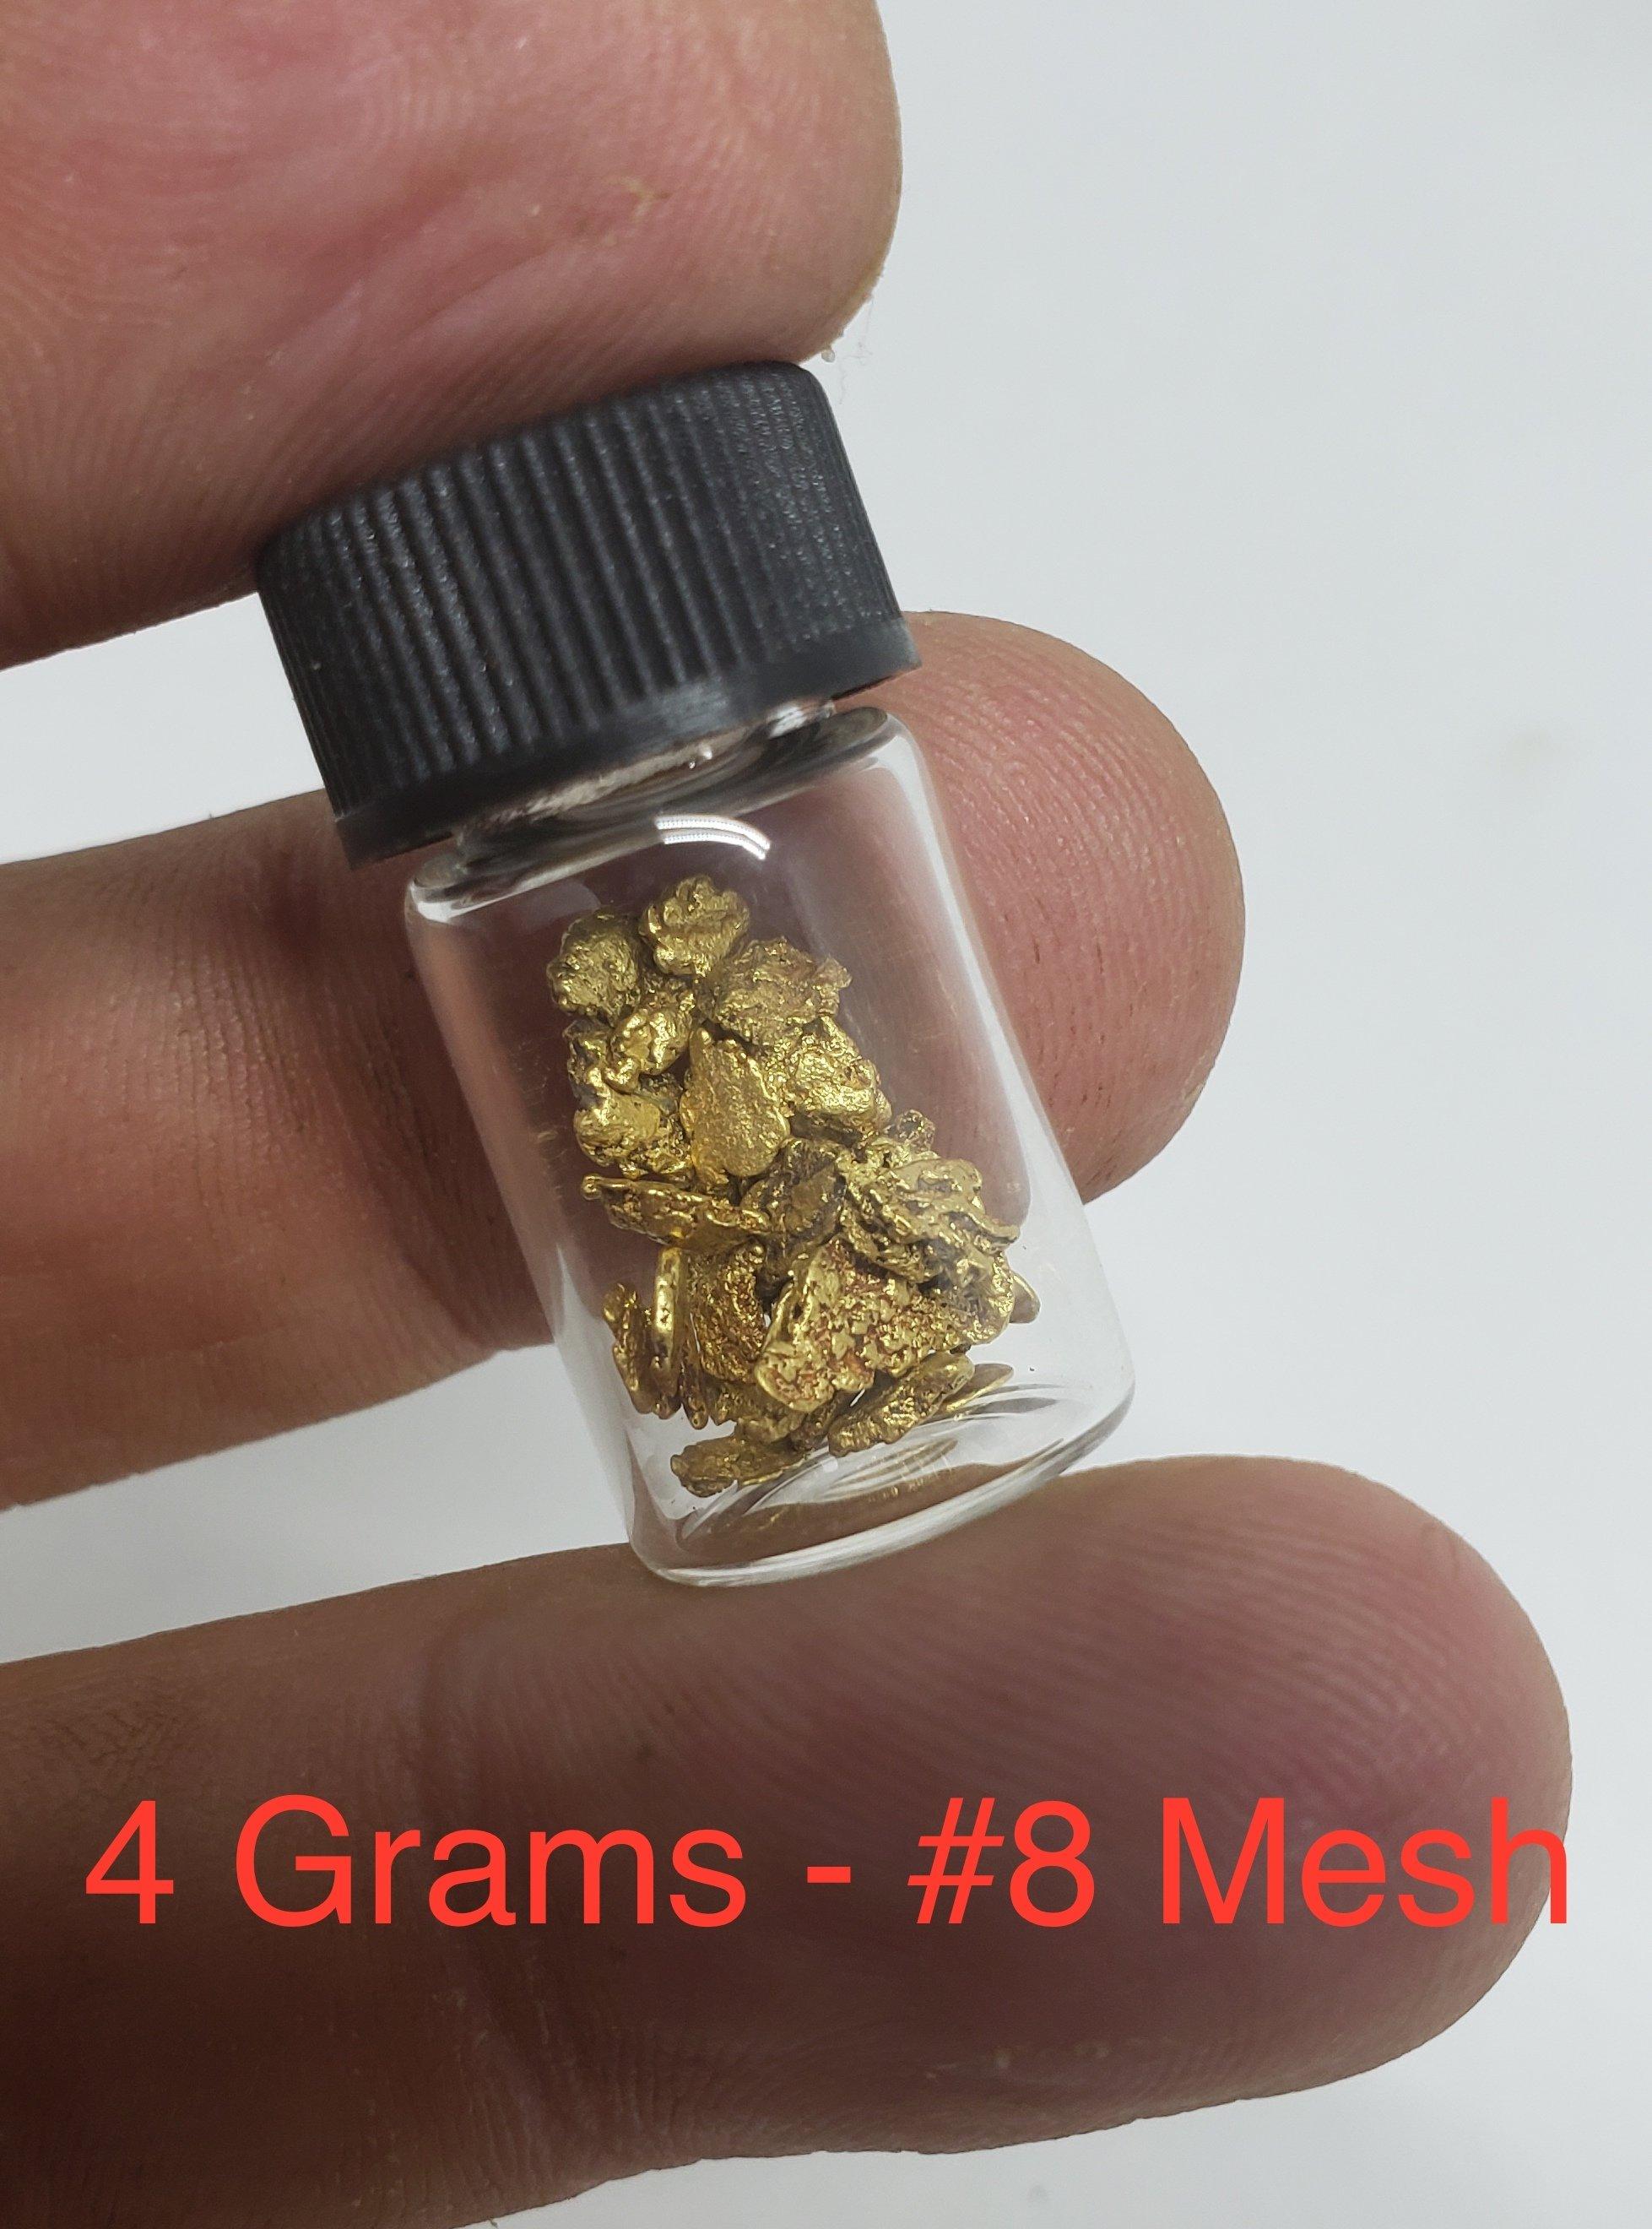 4 grams #8 mesh